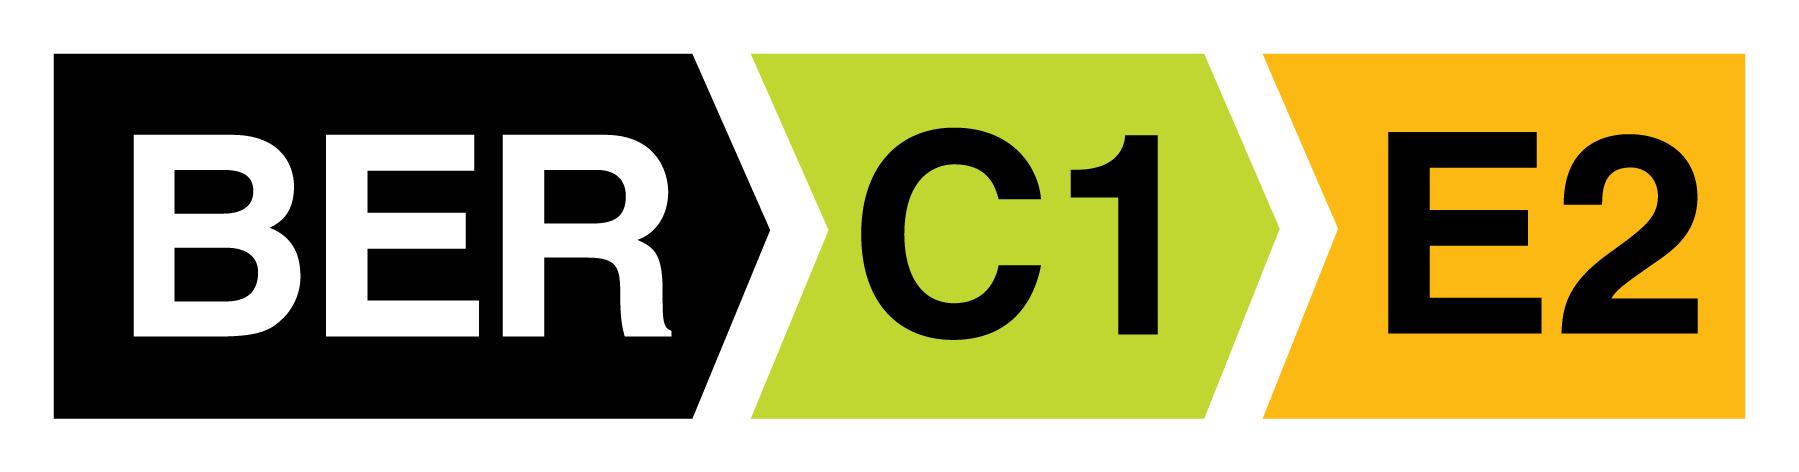 C1 > E2